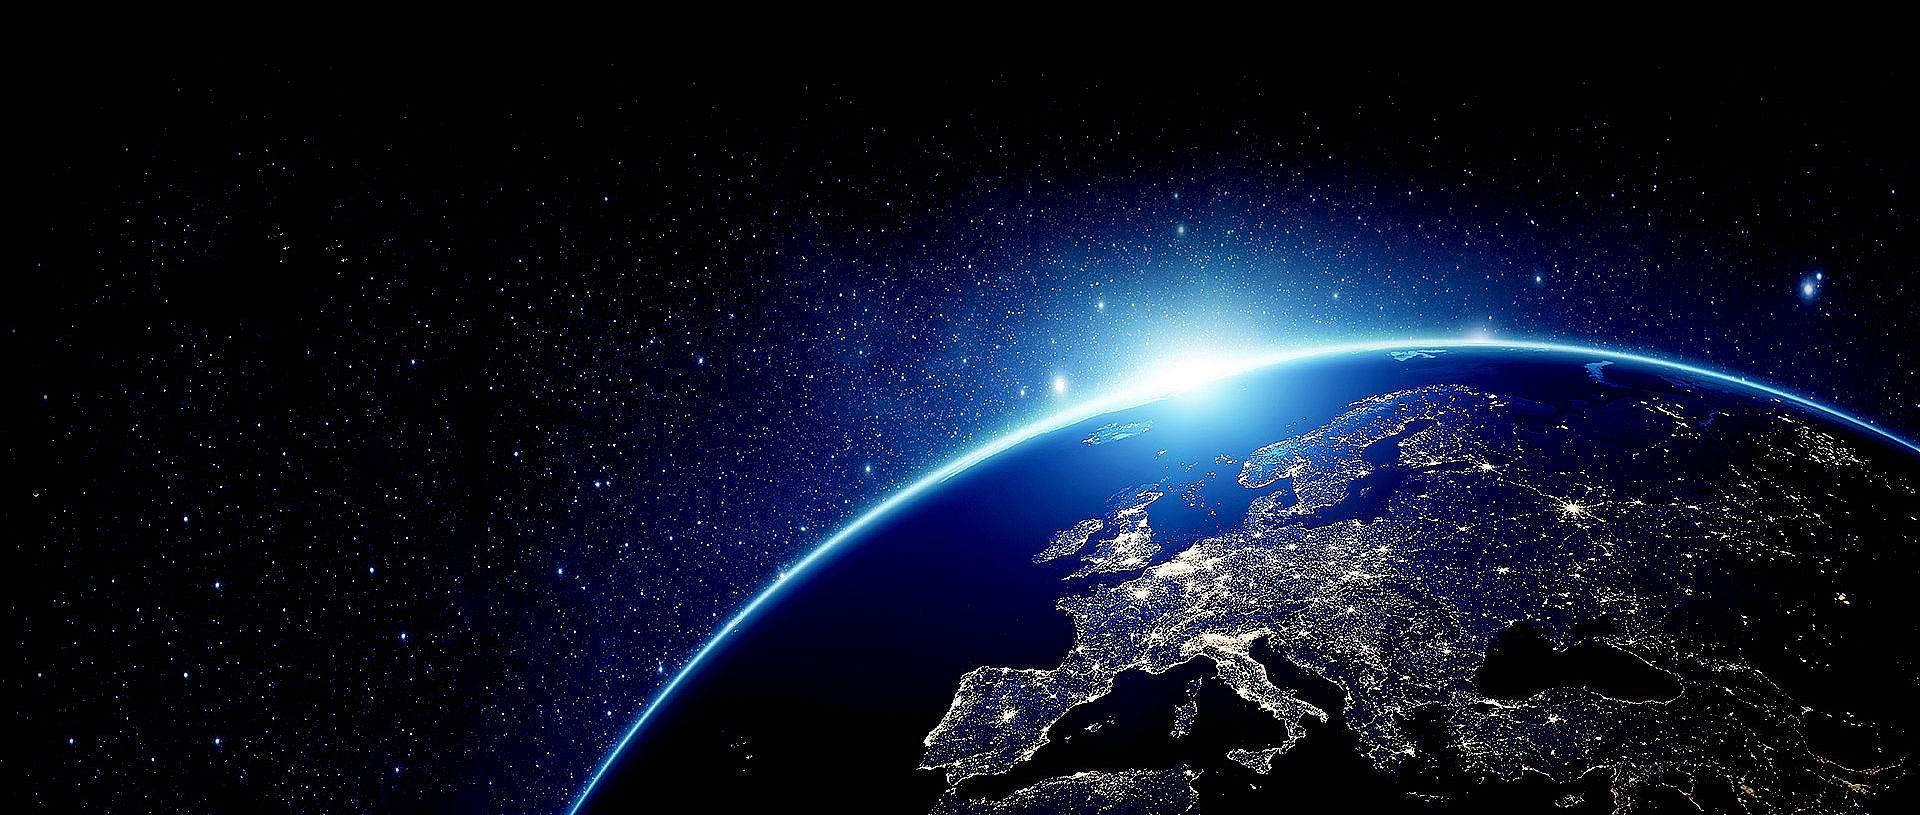 Bild: Blick auf die Erde aus dem Weltraum